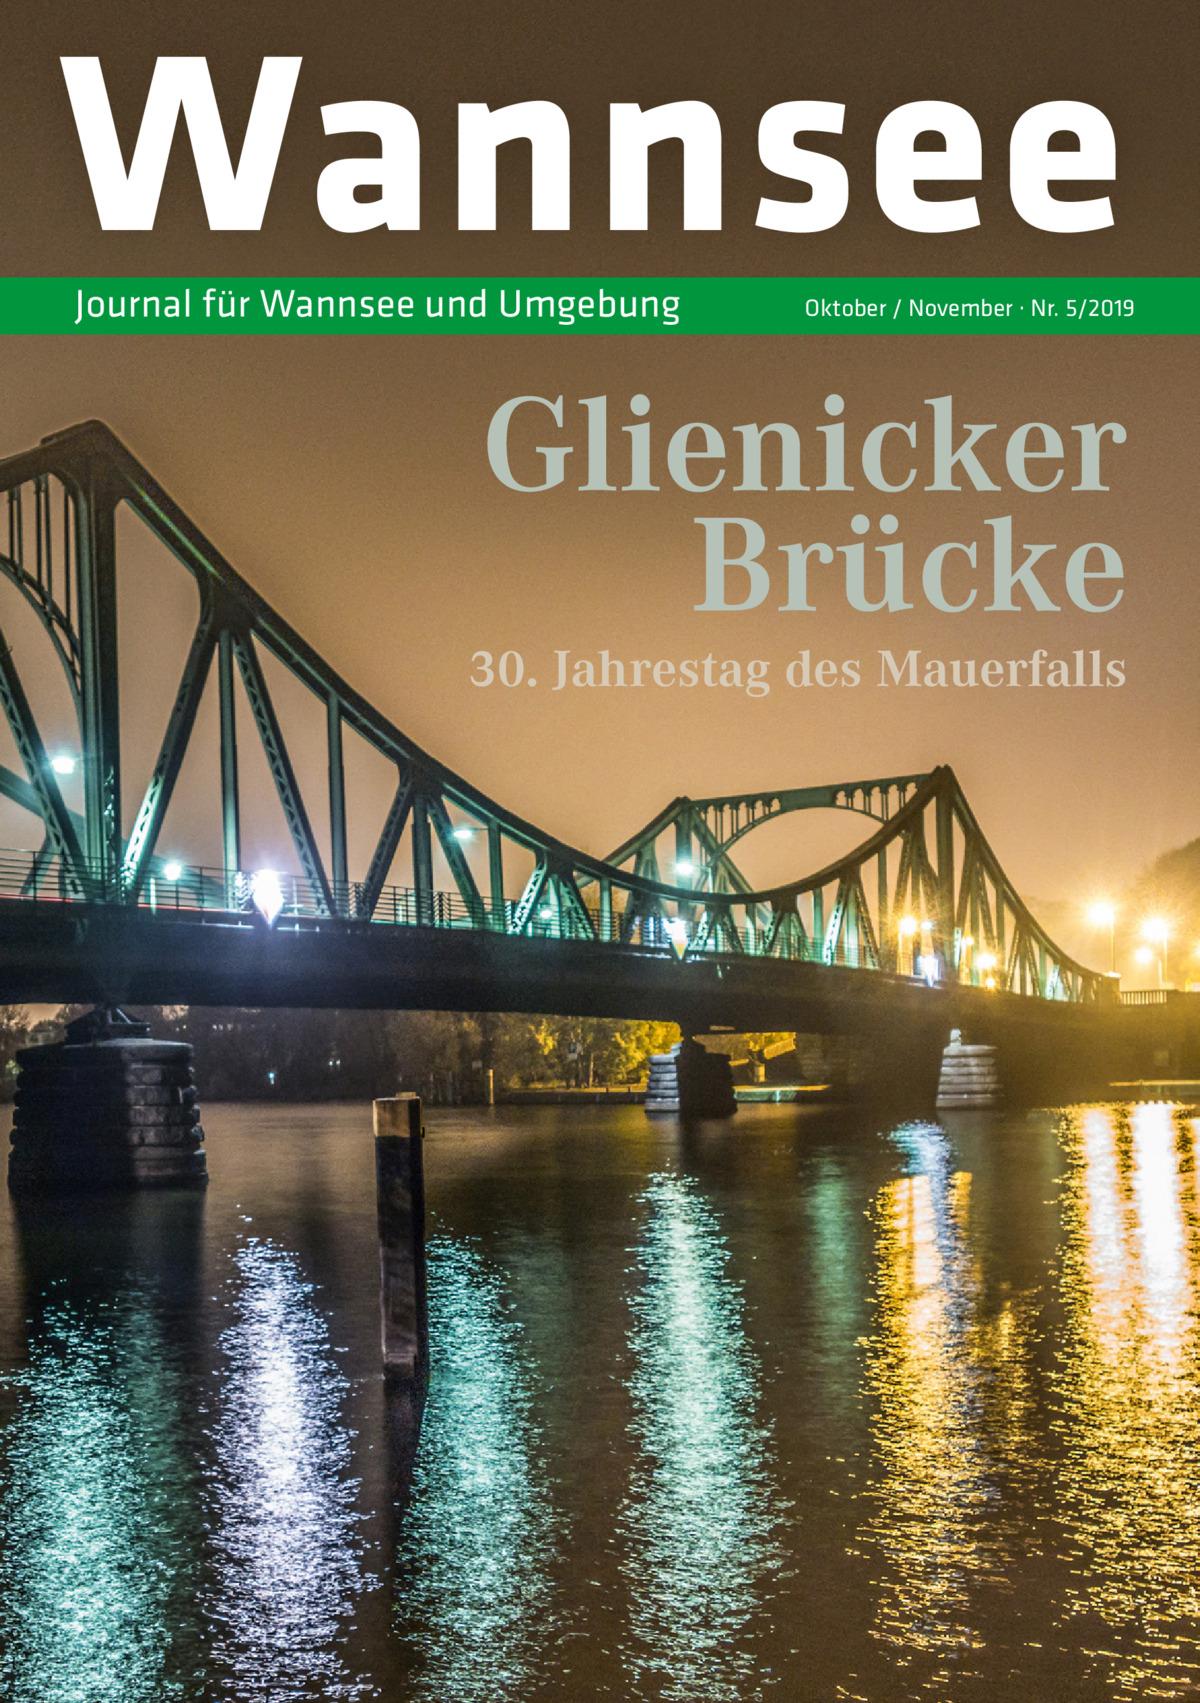 Wannsee Journal für Wannsee und Umgebung  Oktober / November · Nr. 5/2019  Glienicker Brücke  30. Jahrestag des Mauerfalls